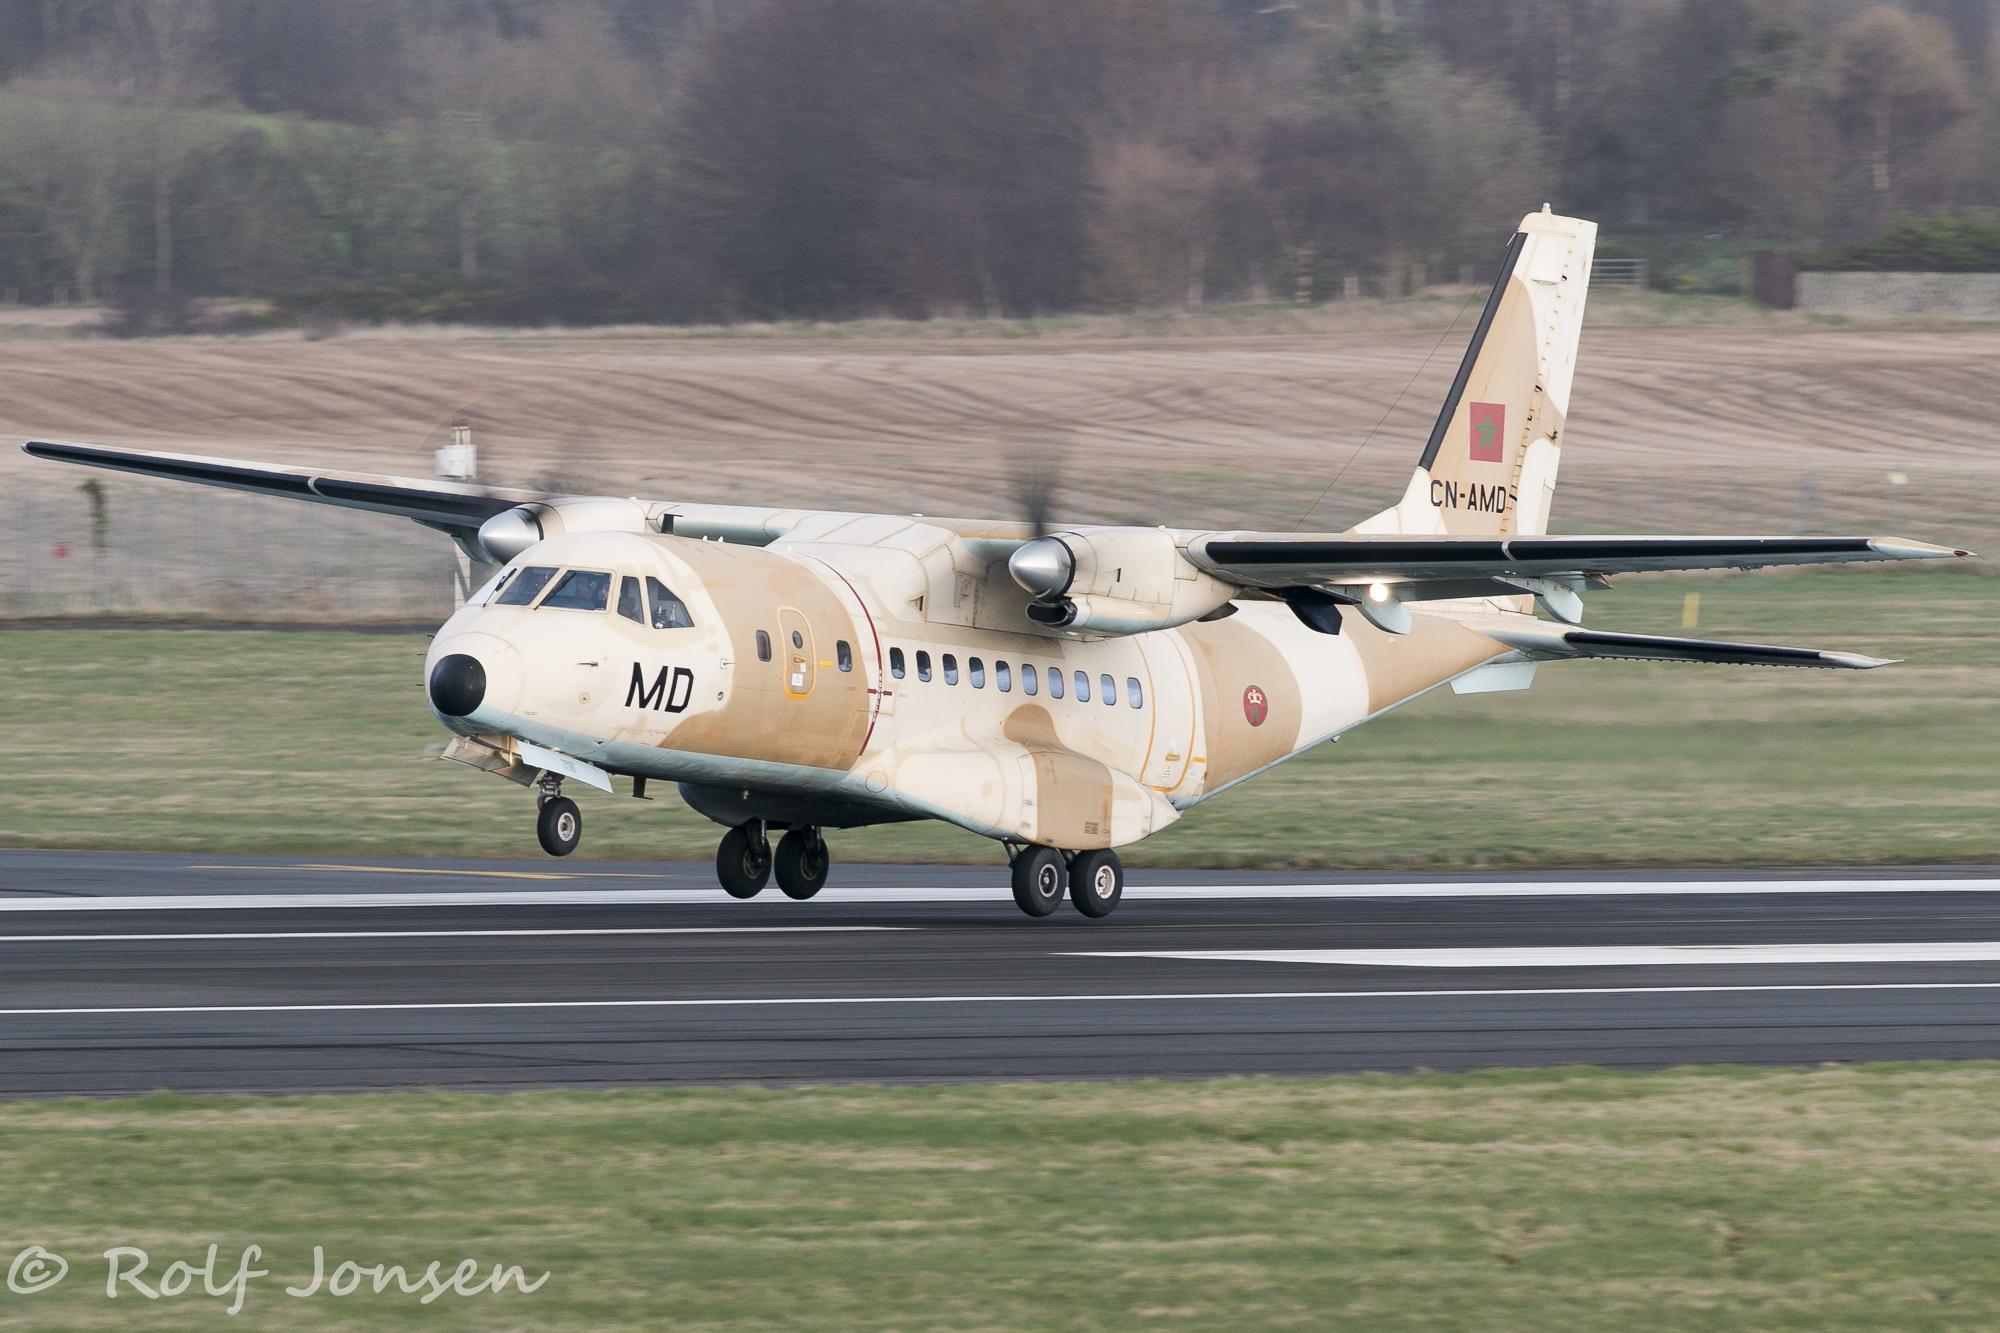 FRA: Photos d'avions de transport - Page 31 32514258303_458f9f8040_o